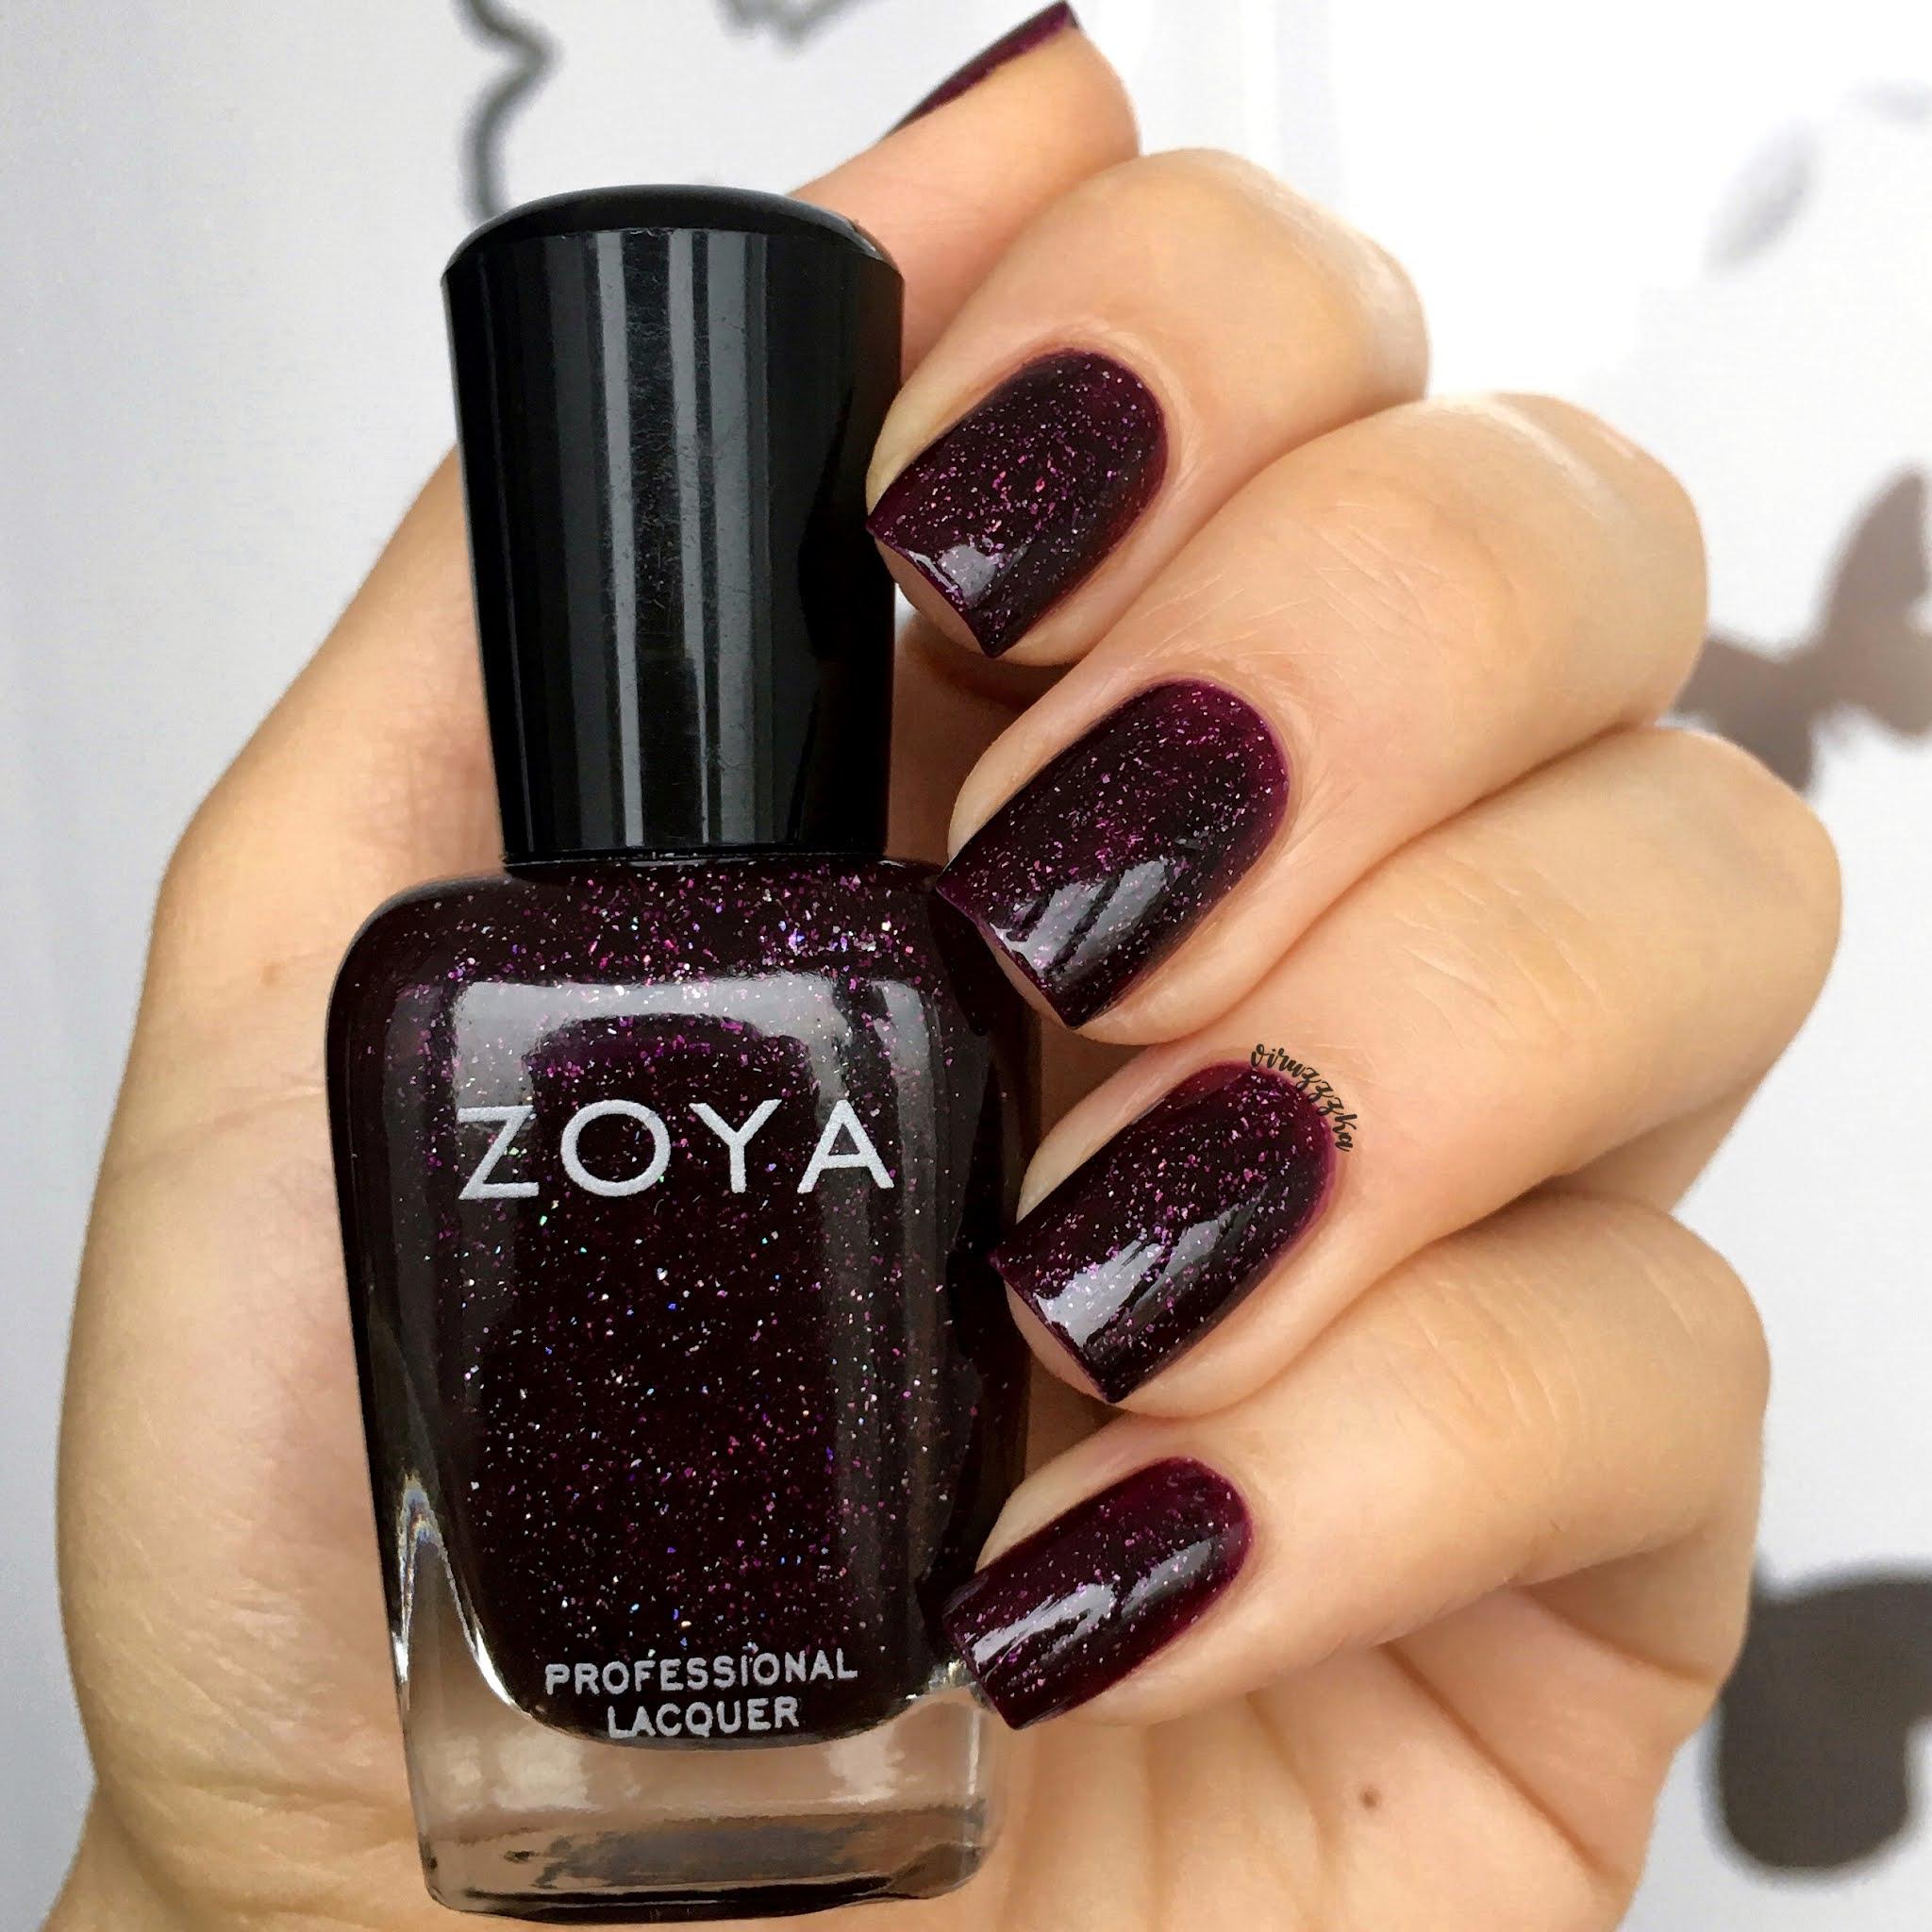 Zoya Payton Nail Polish Swatch Purple Nails Autumn Manicure Review